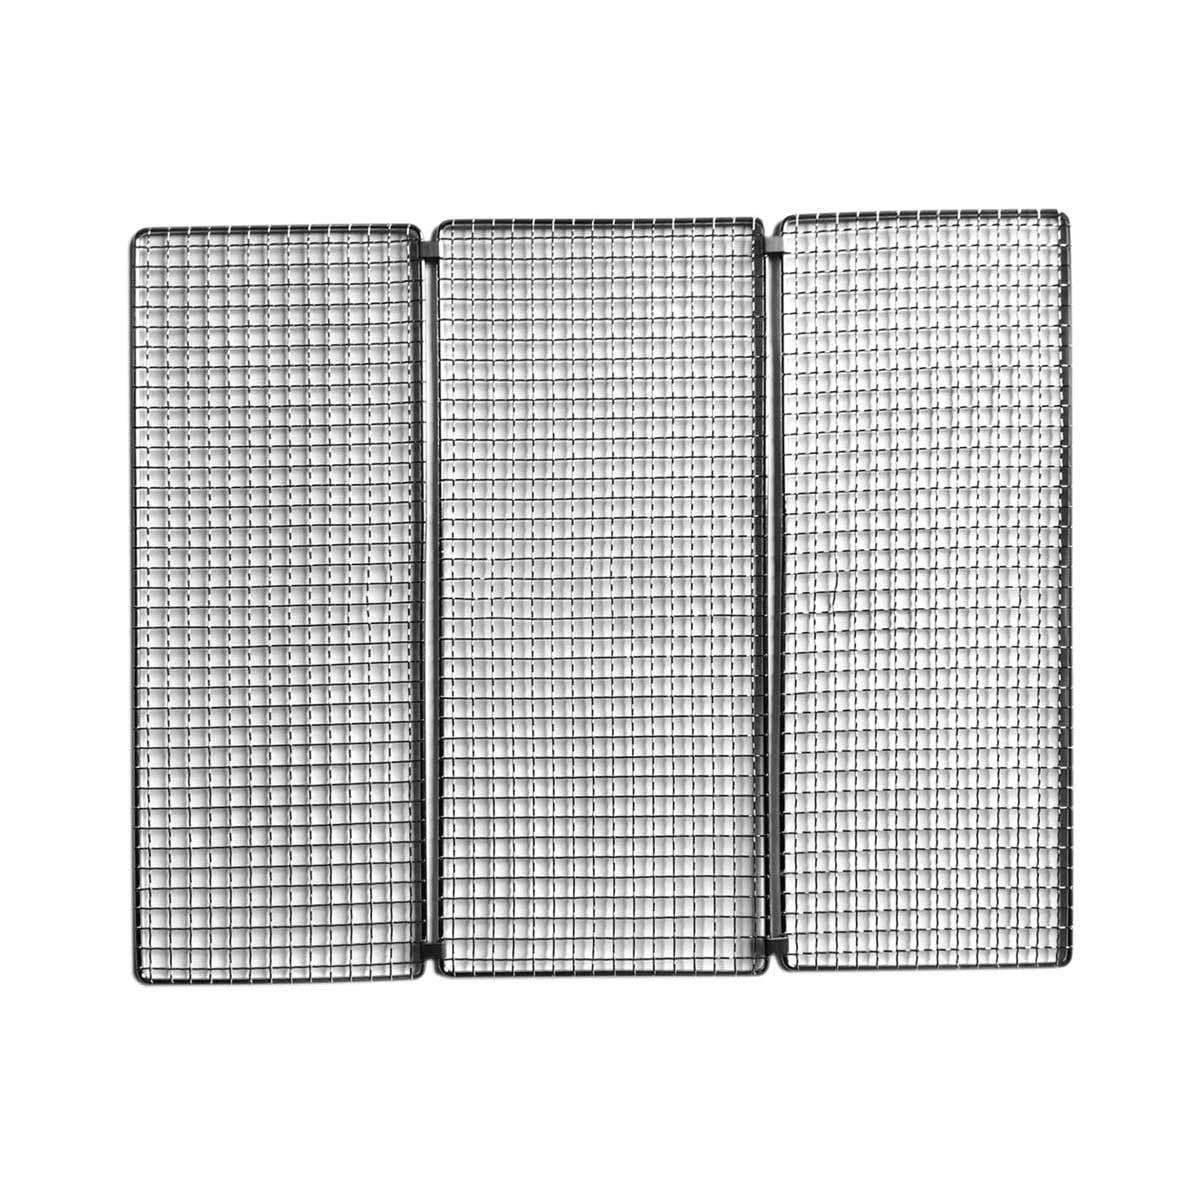 薄さ3cmのバーベキューグリル 《交換用》焼網 メッシュグリル(Notebook専用)